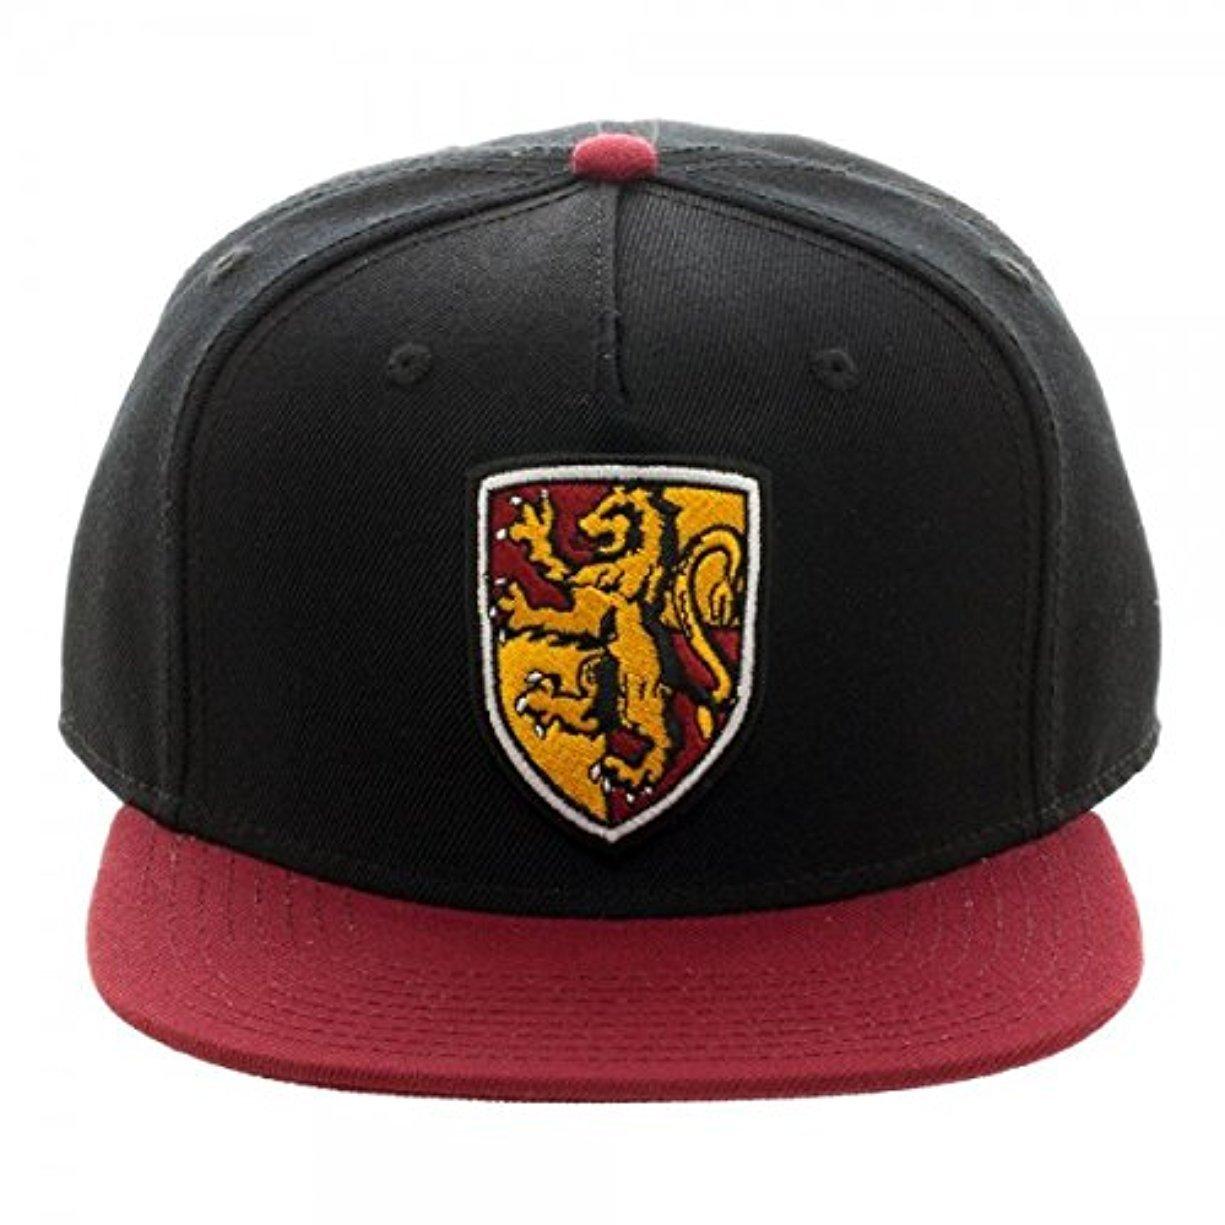 Harry Potter Gryffindor Crest Snapback Hat Bioworld SB484LHPT